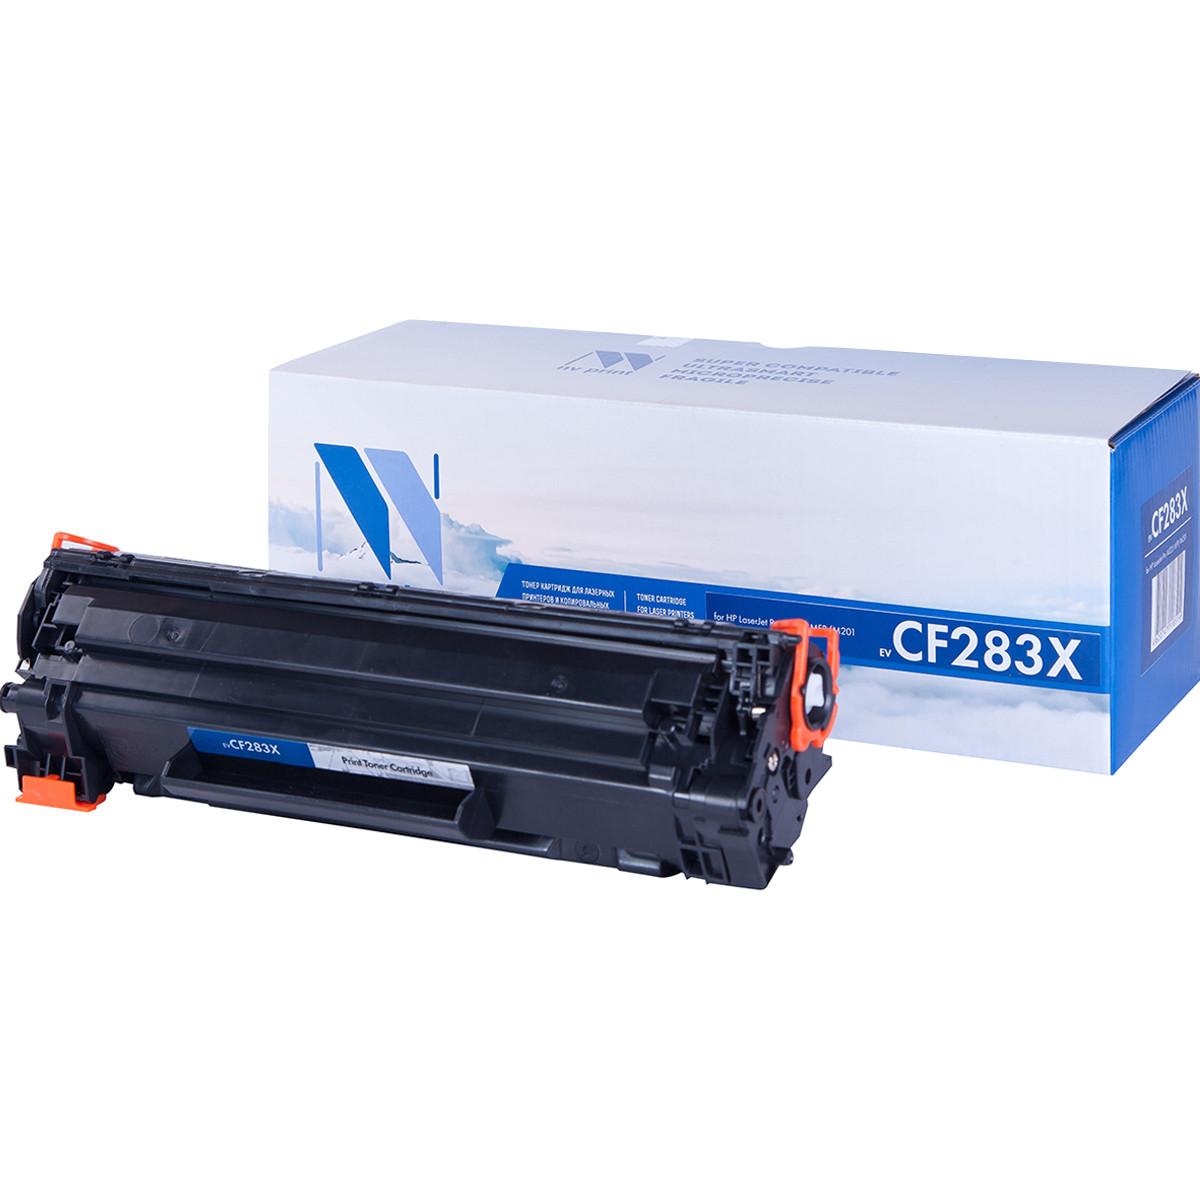 Картридж NVP совместимый HP CF283X для LaserJet Pro M201dw/M201n/M225dw/M225rdn (2200k)